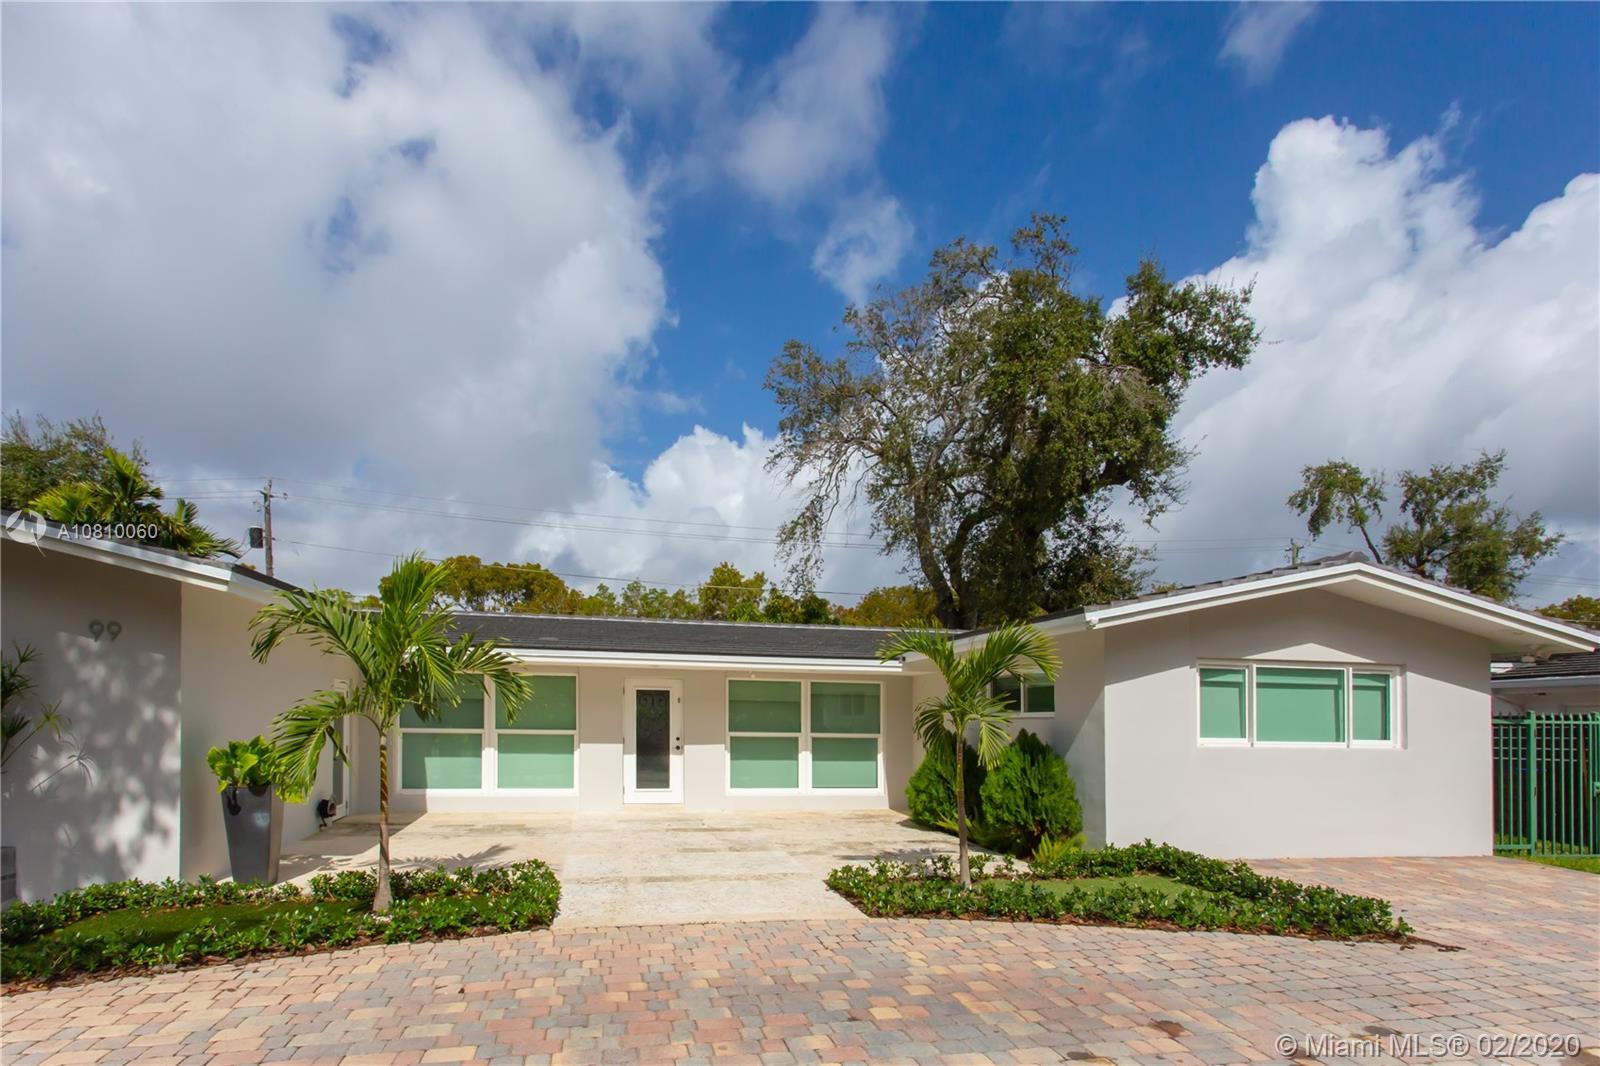 99  Shore Dr W  For Sale A10810060, FL